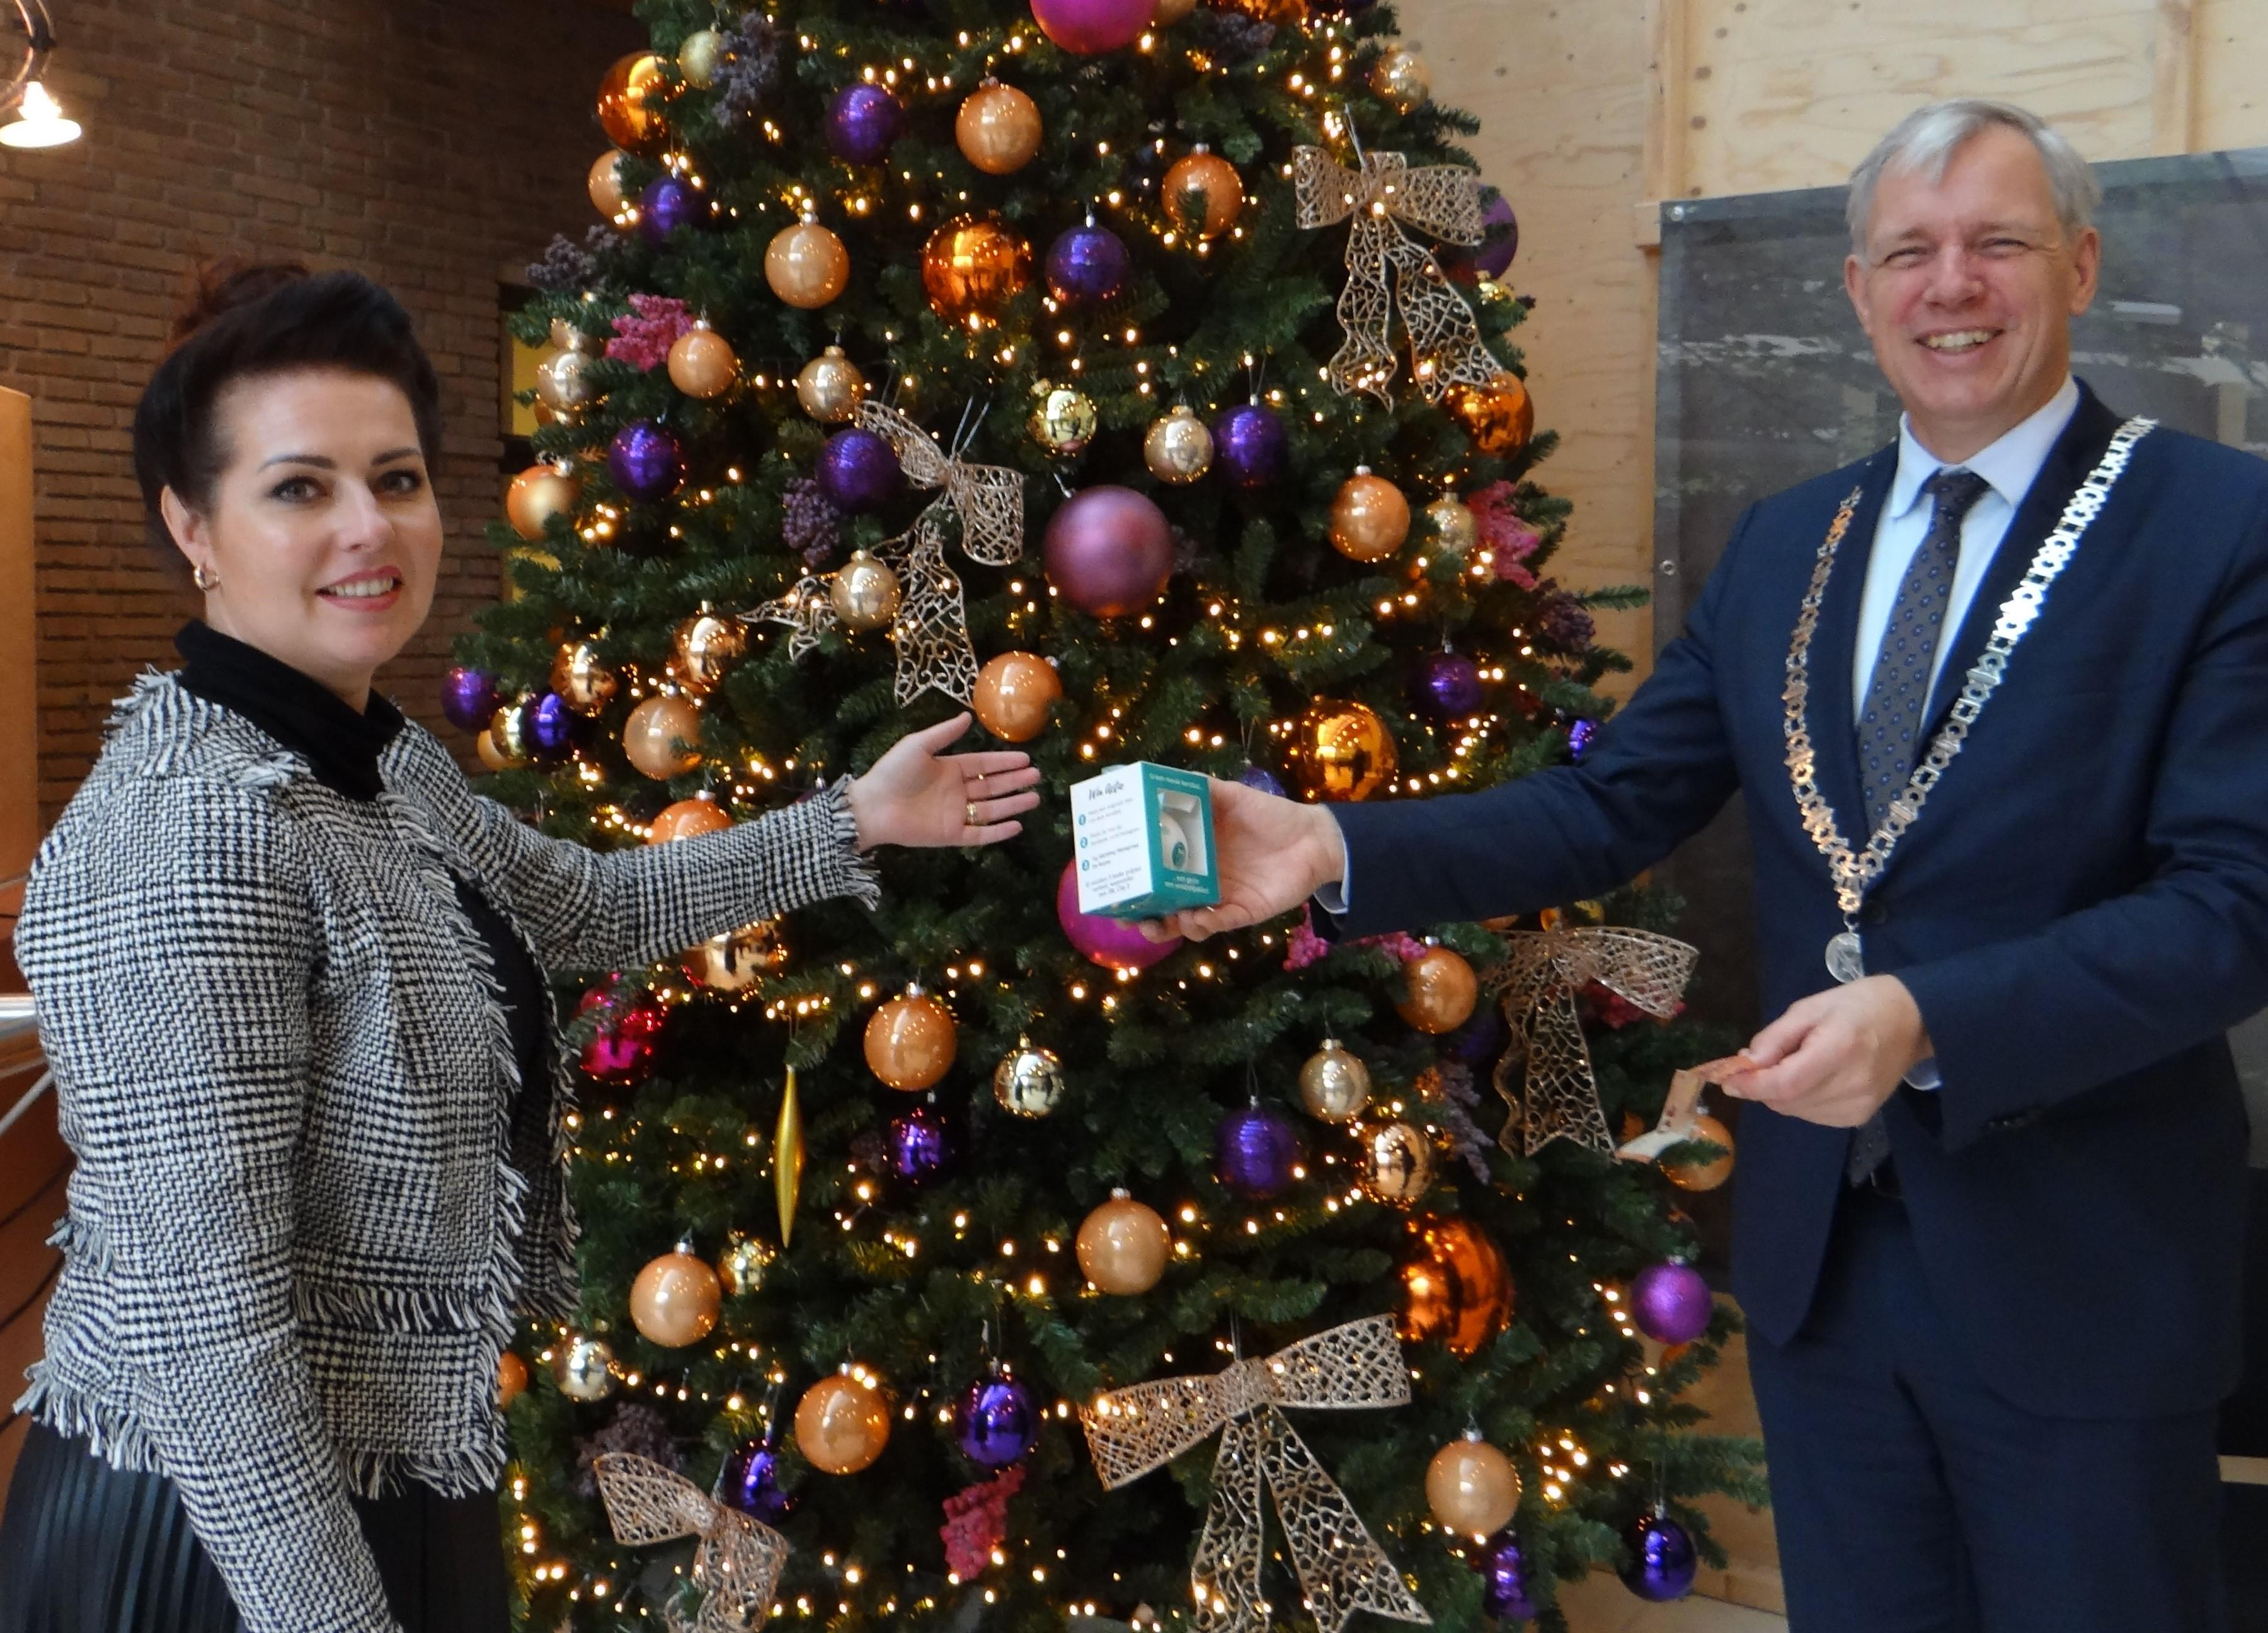 Werkgroep De Ruyter uit Rijnsburg wil met kerstballenactie 'de allerarmsten' een fijne kerst bezorgen